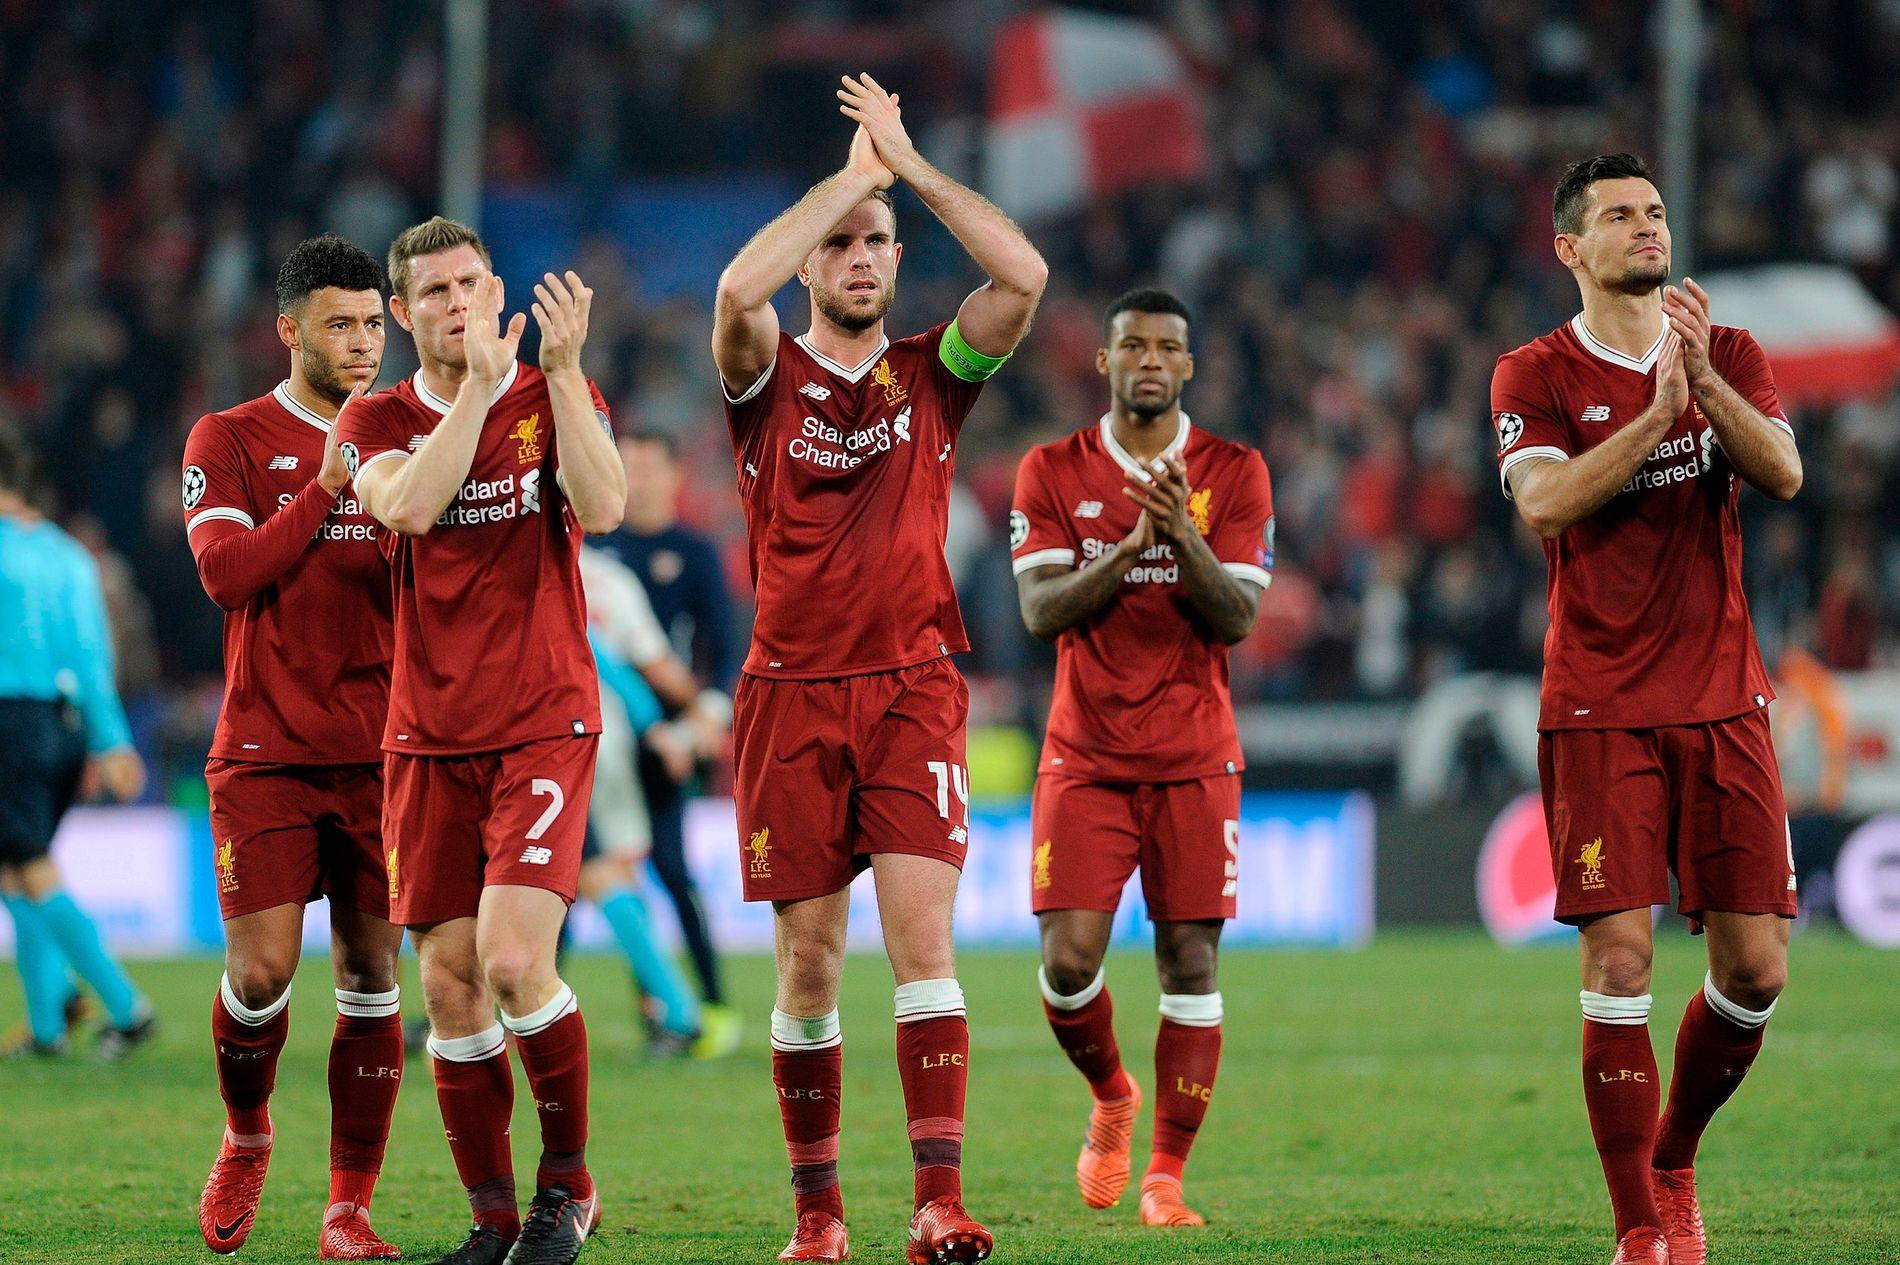 FALT SAMMEN: Liverpool-spillerne takker for støtten etter bortekampen mot Sevilla. En tilsynelatende trygg 3–0-ledelse ved pause ble til 3–3. Fra venstre Alex Oxlade-Chamberlain (nå skadet), James Milner, Jordan Henderson,  Georginio Wijnaldum og Dejan Lovren.